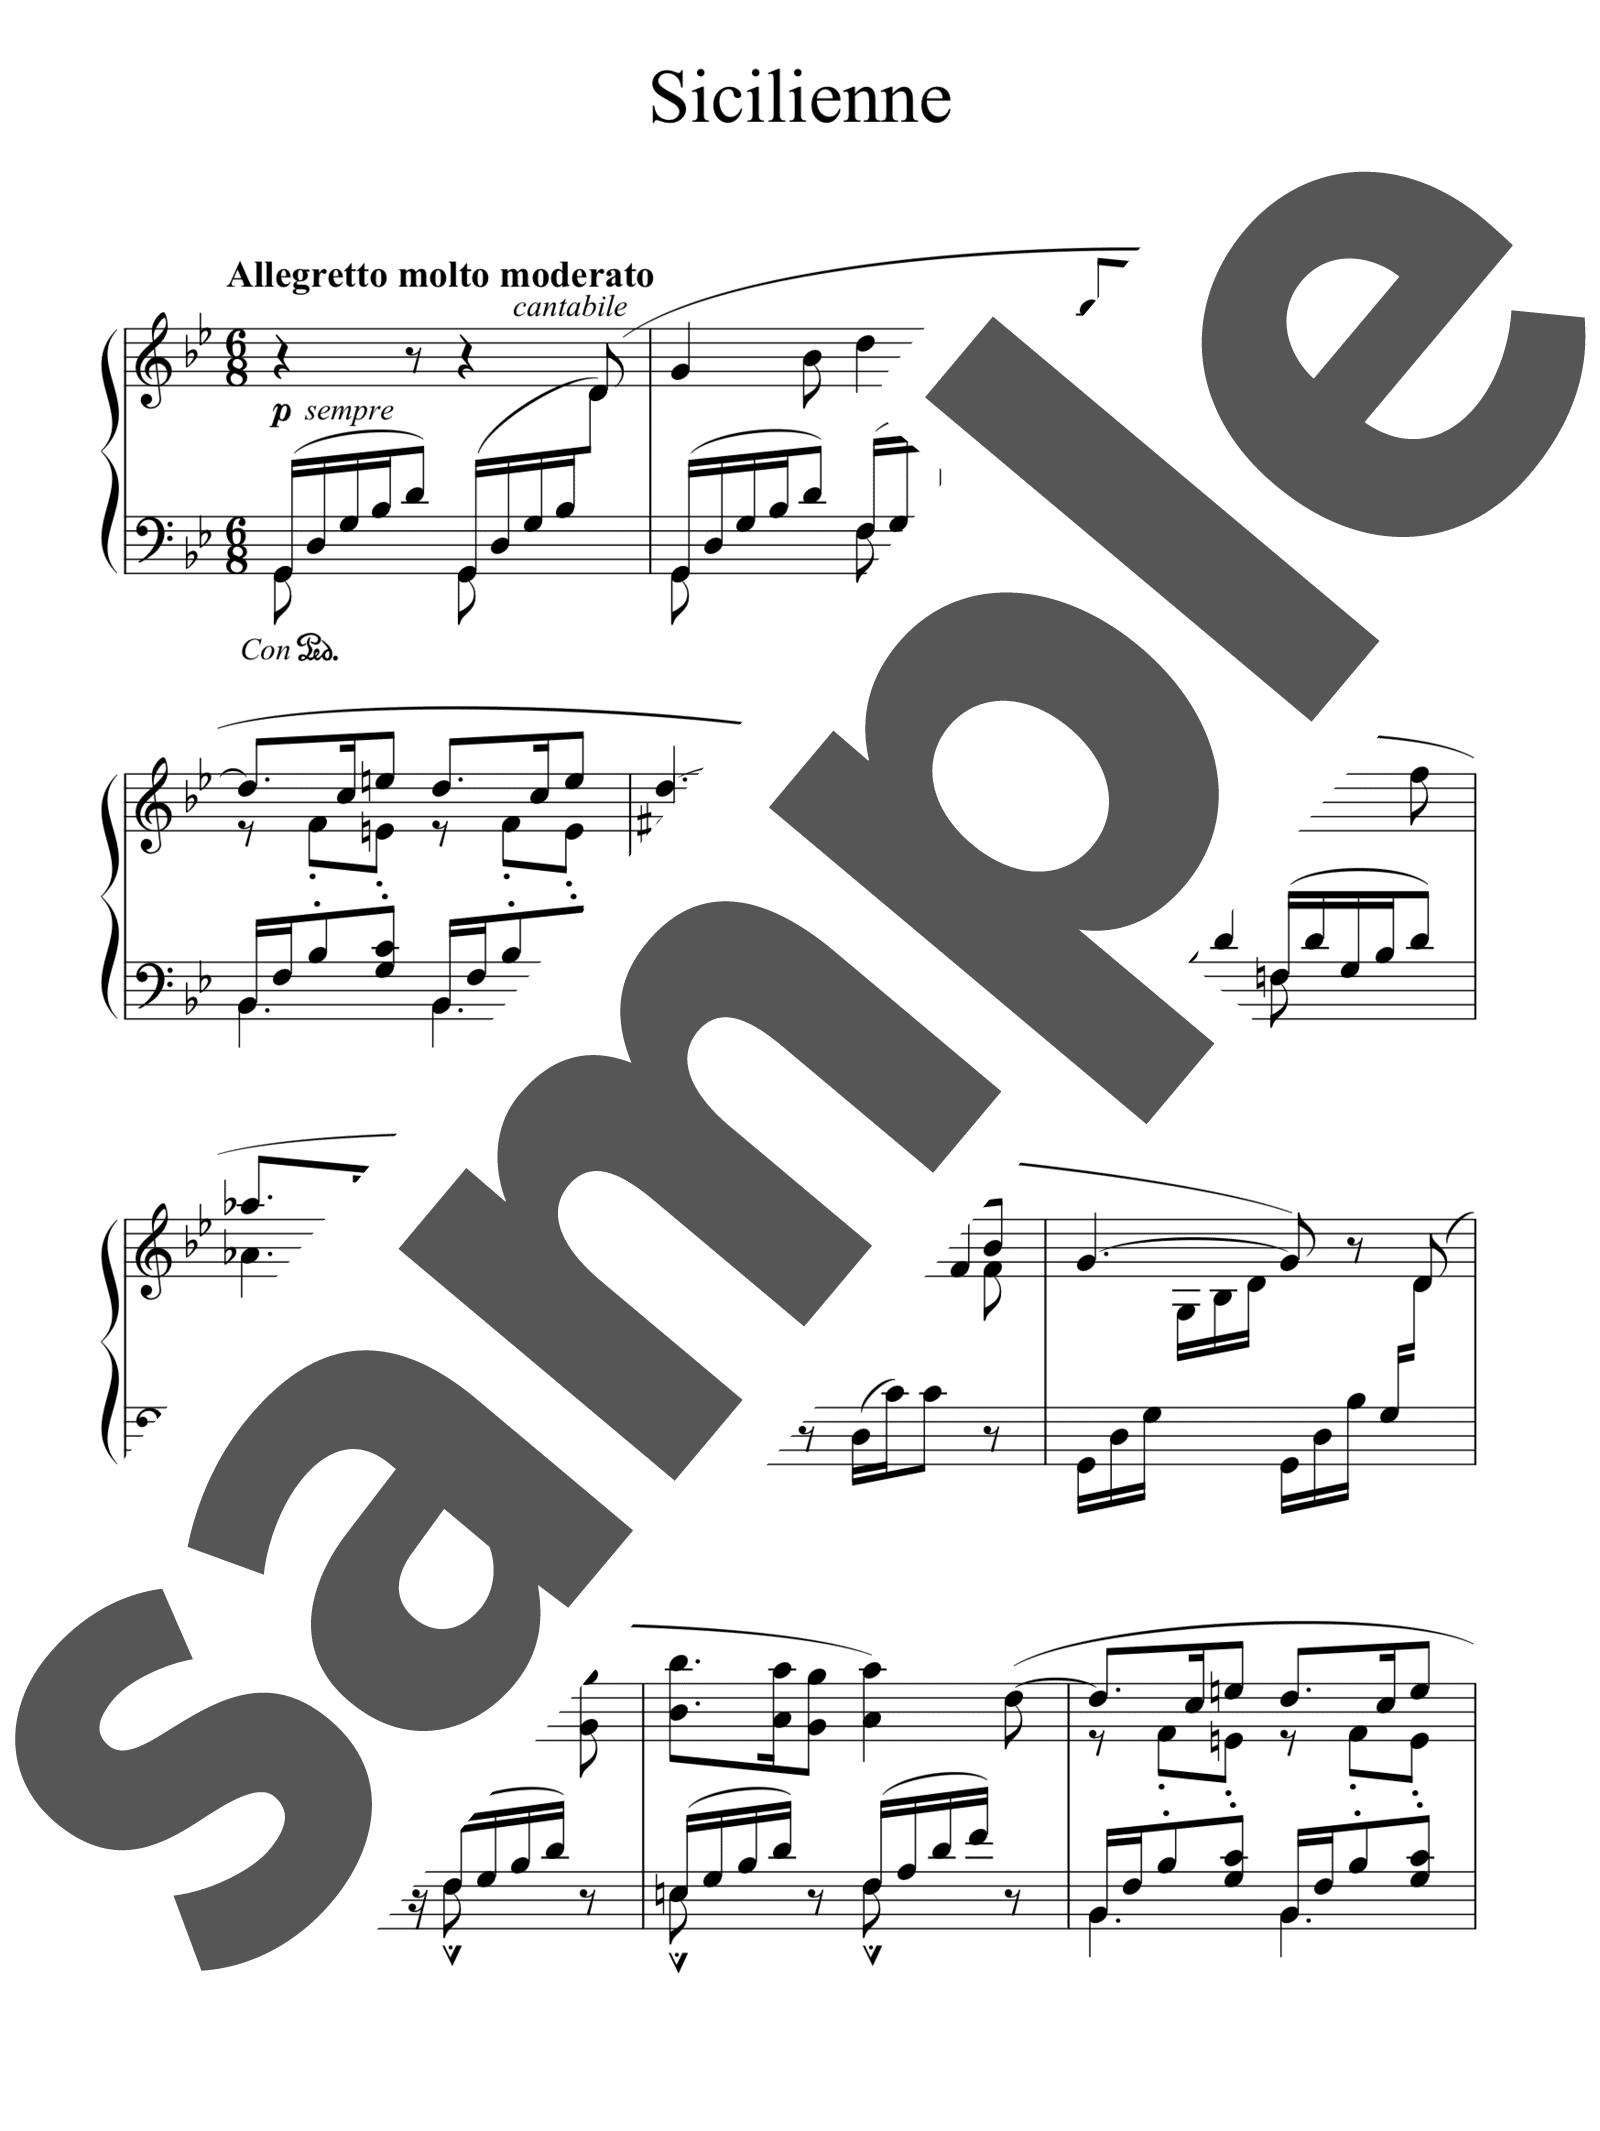 「シシリエンヌ 作品78」のサンプル楽譜